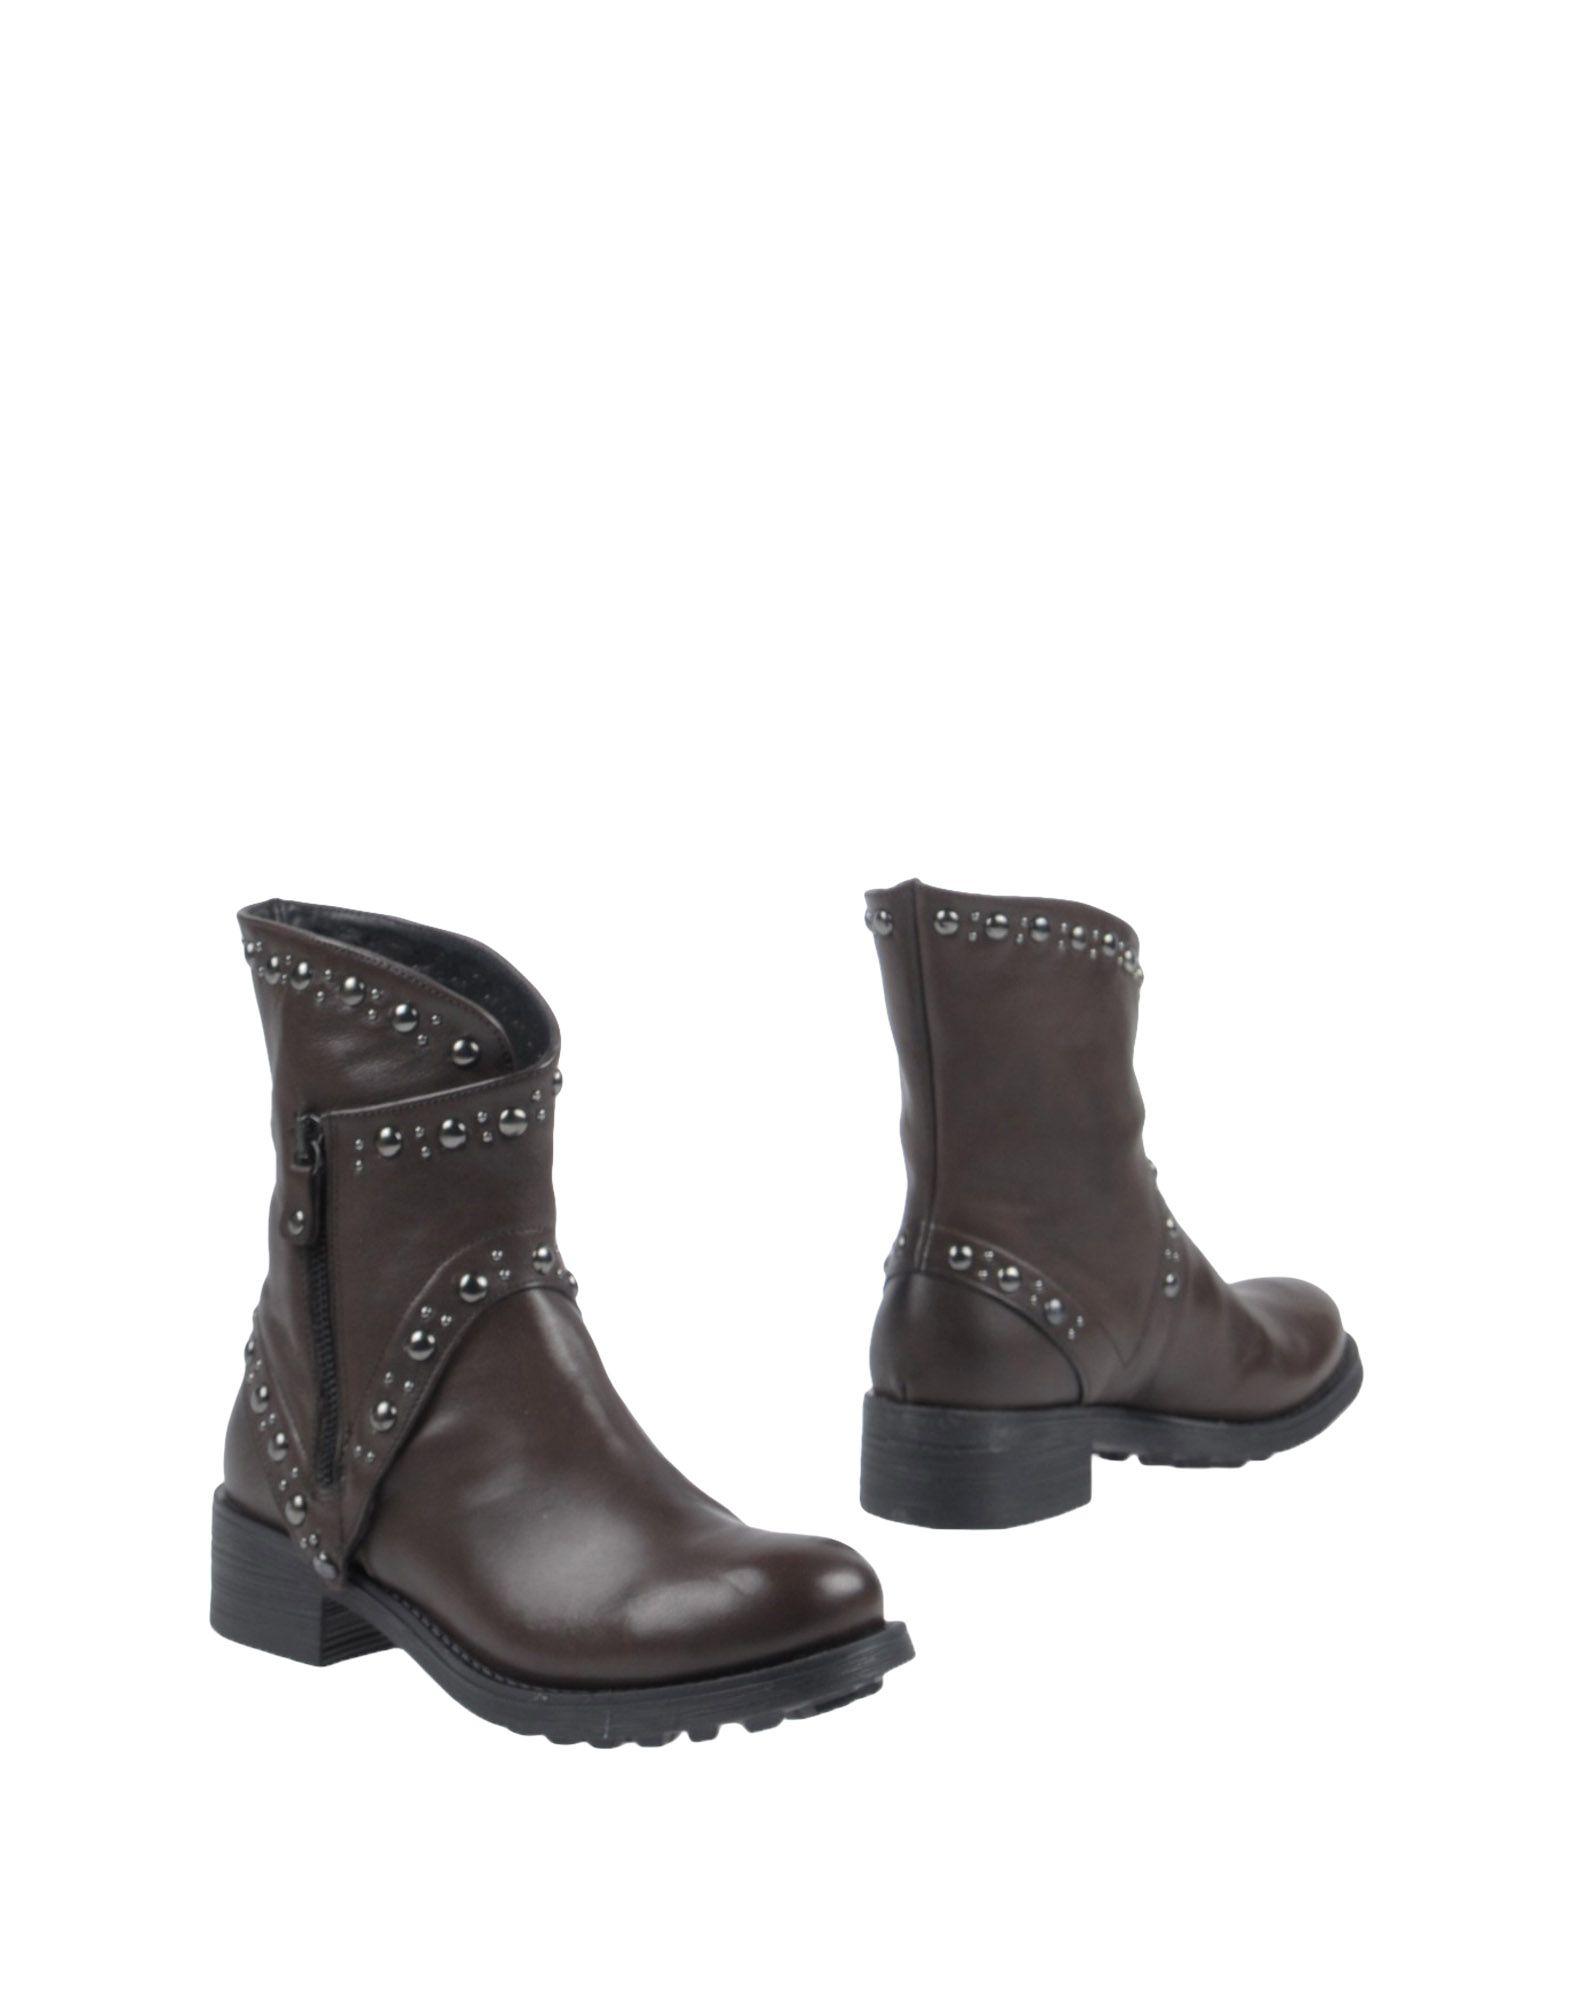 Manufacture D'essai Stiefelette Damen  11446866DB Gute Qualität beliebte Schuhe